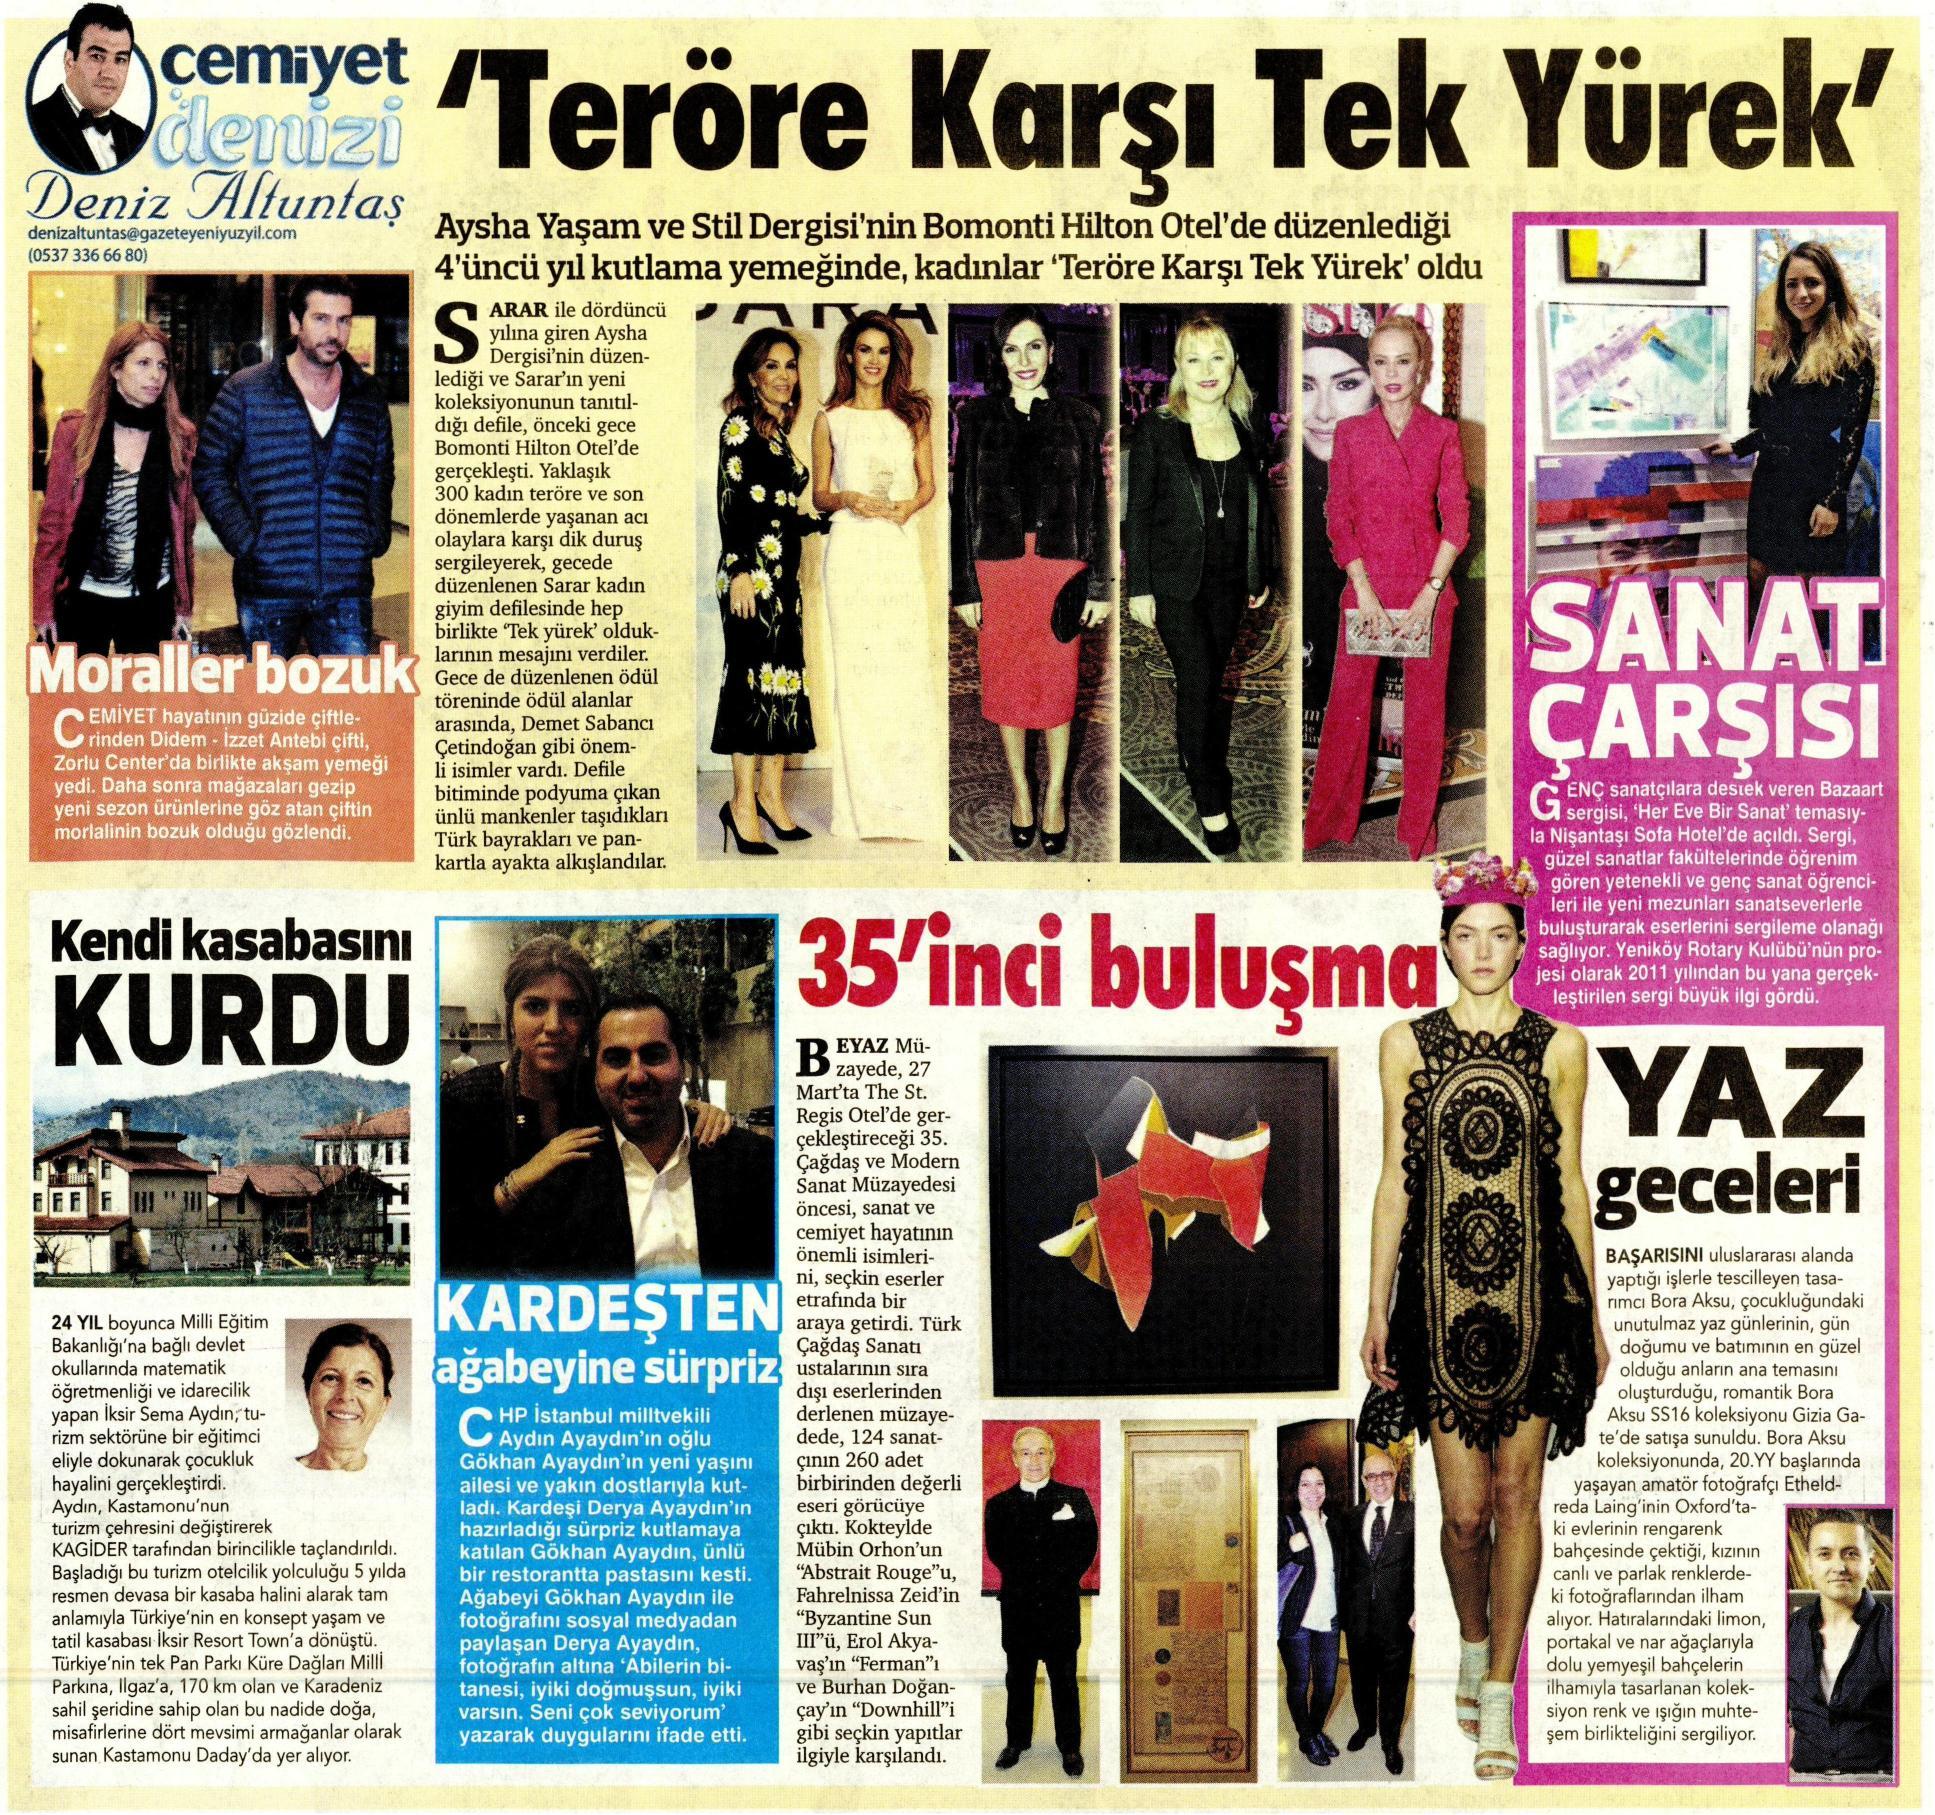 Yeni Yüzyıl Gazetesi - Rengarenk Eki - 24 Mart 2016